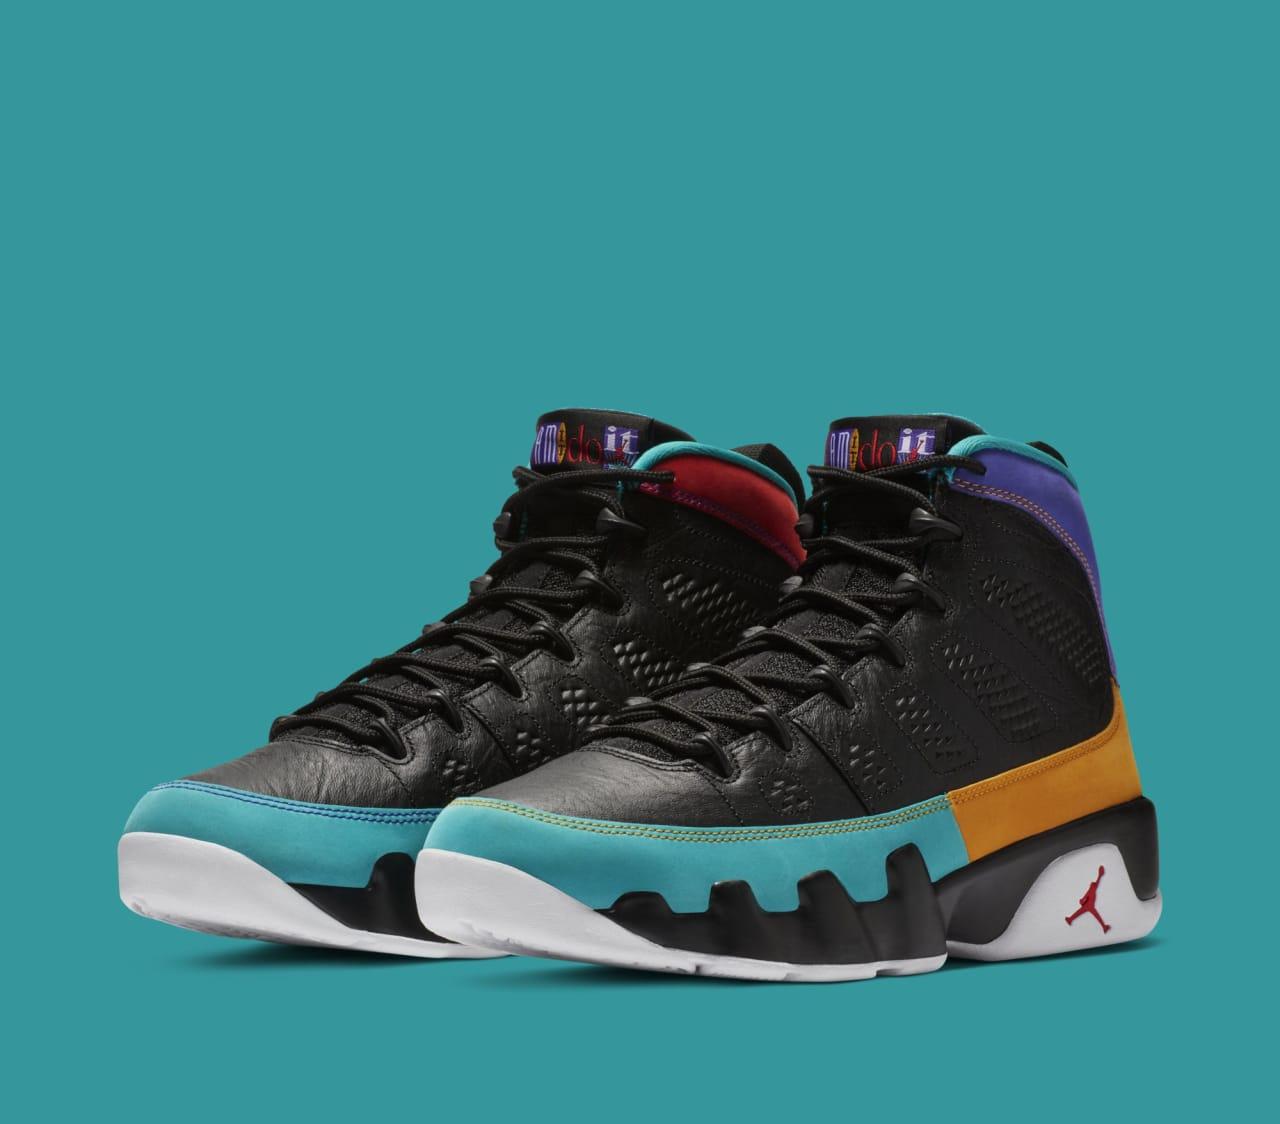 45f844da907 Air Jordan 9 Retro 'Dream It, Do It' 302370-065 Release Date | Sole ...